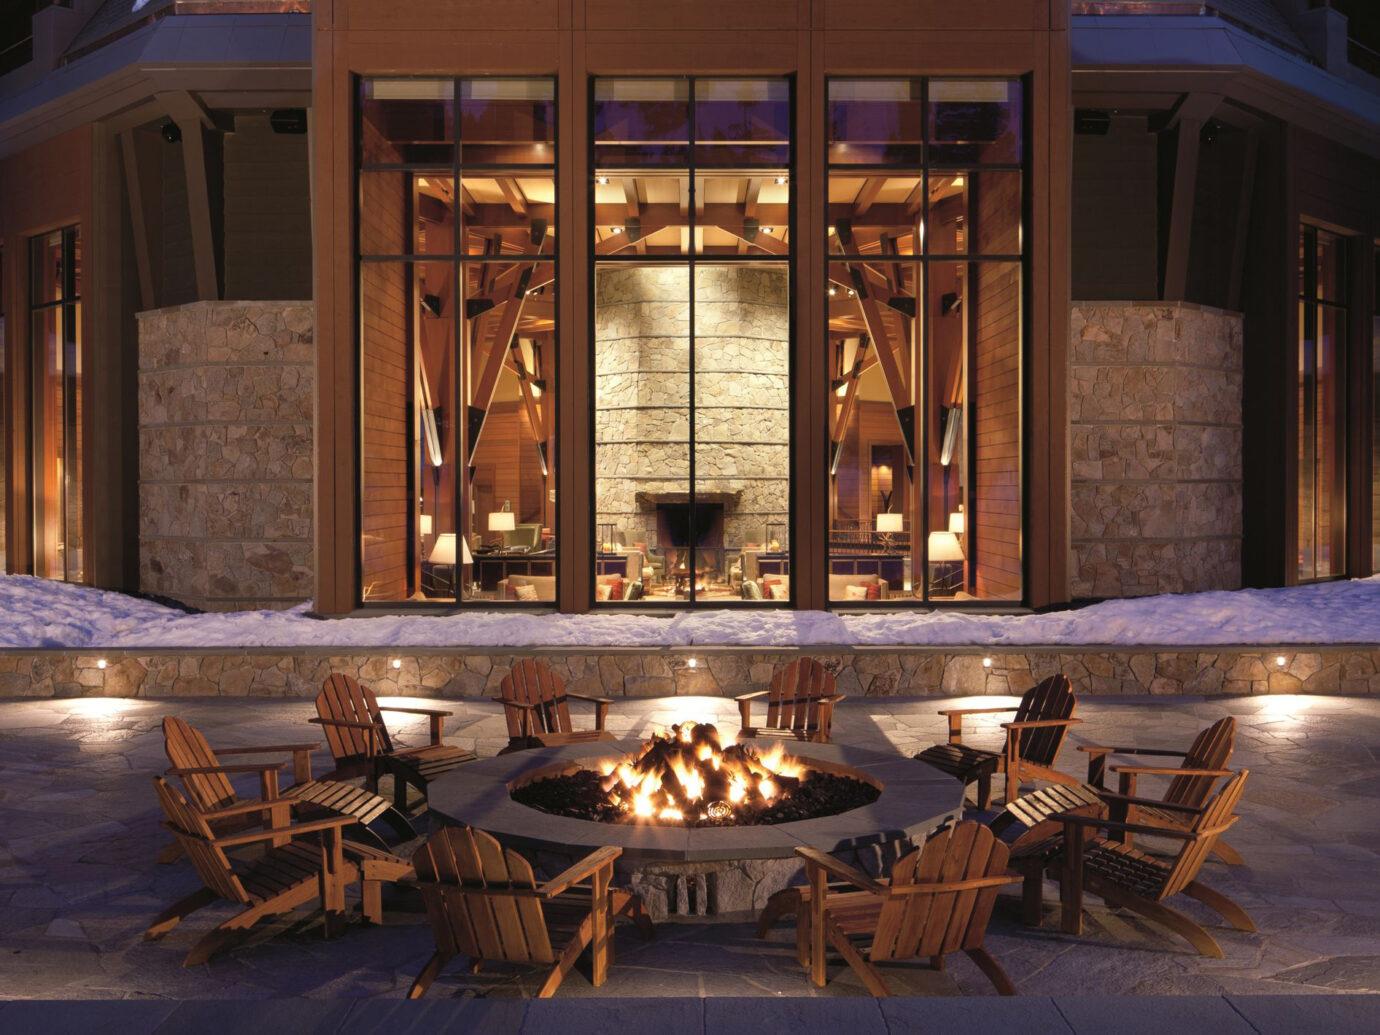 Fire pit at Ritz-Carlton Bachelor Gulch, Avon, CO